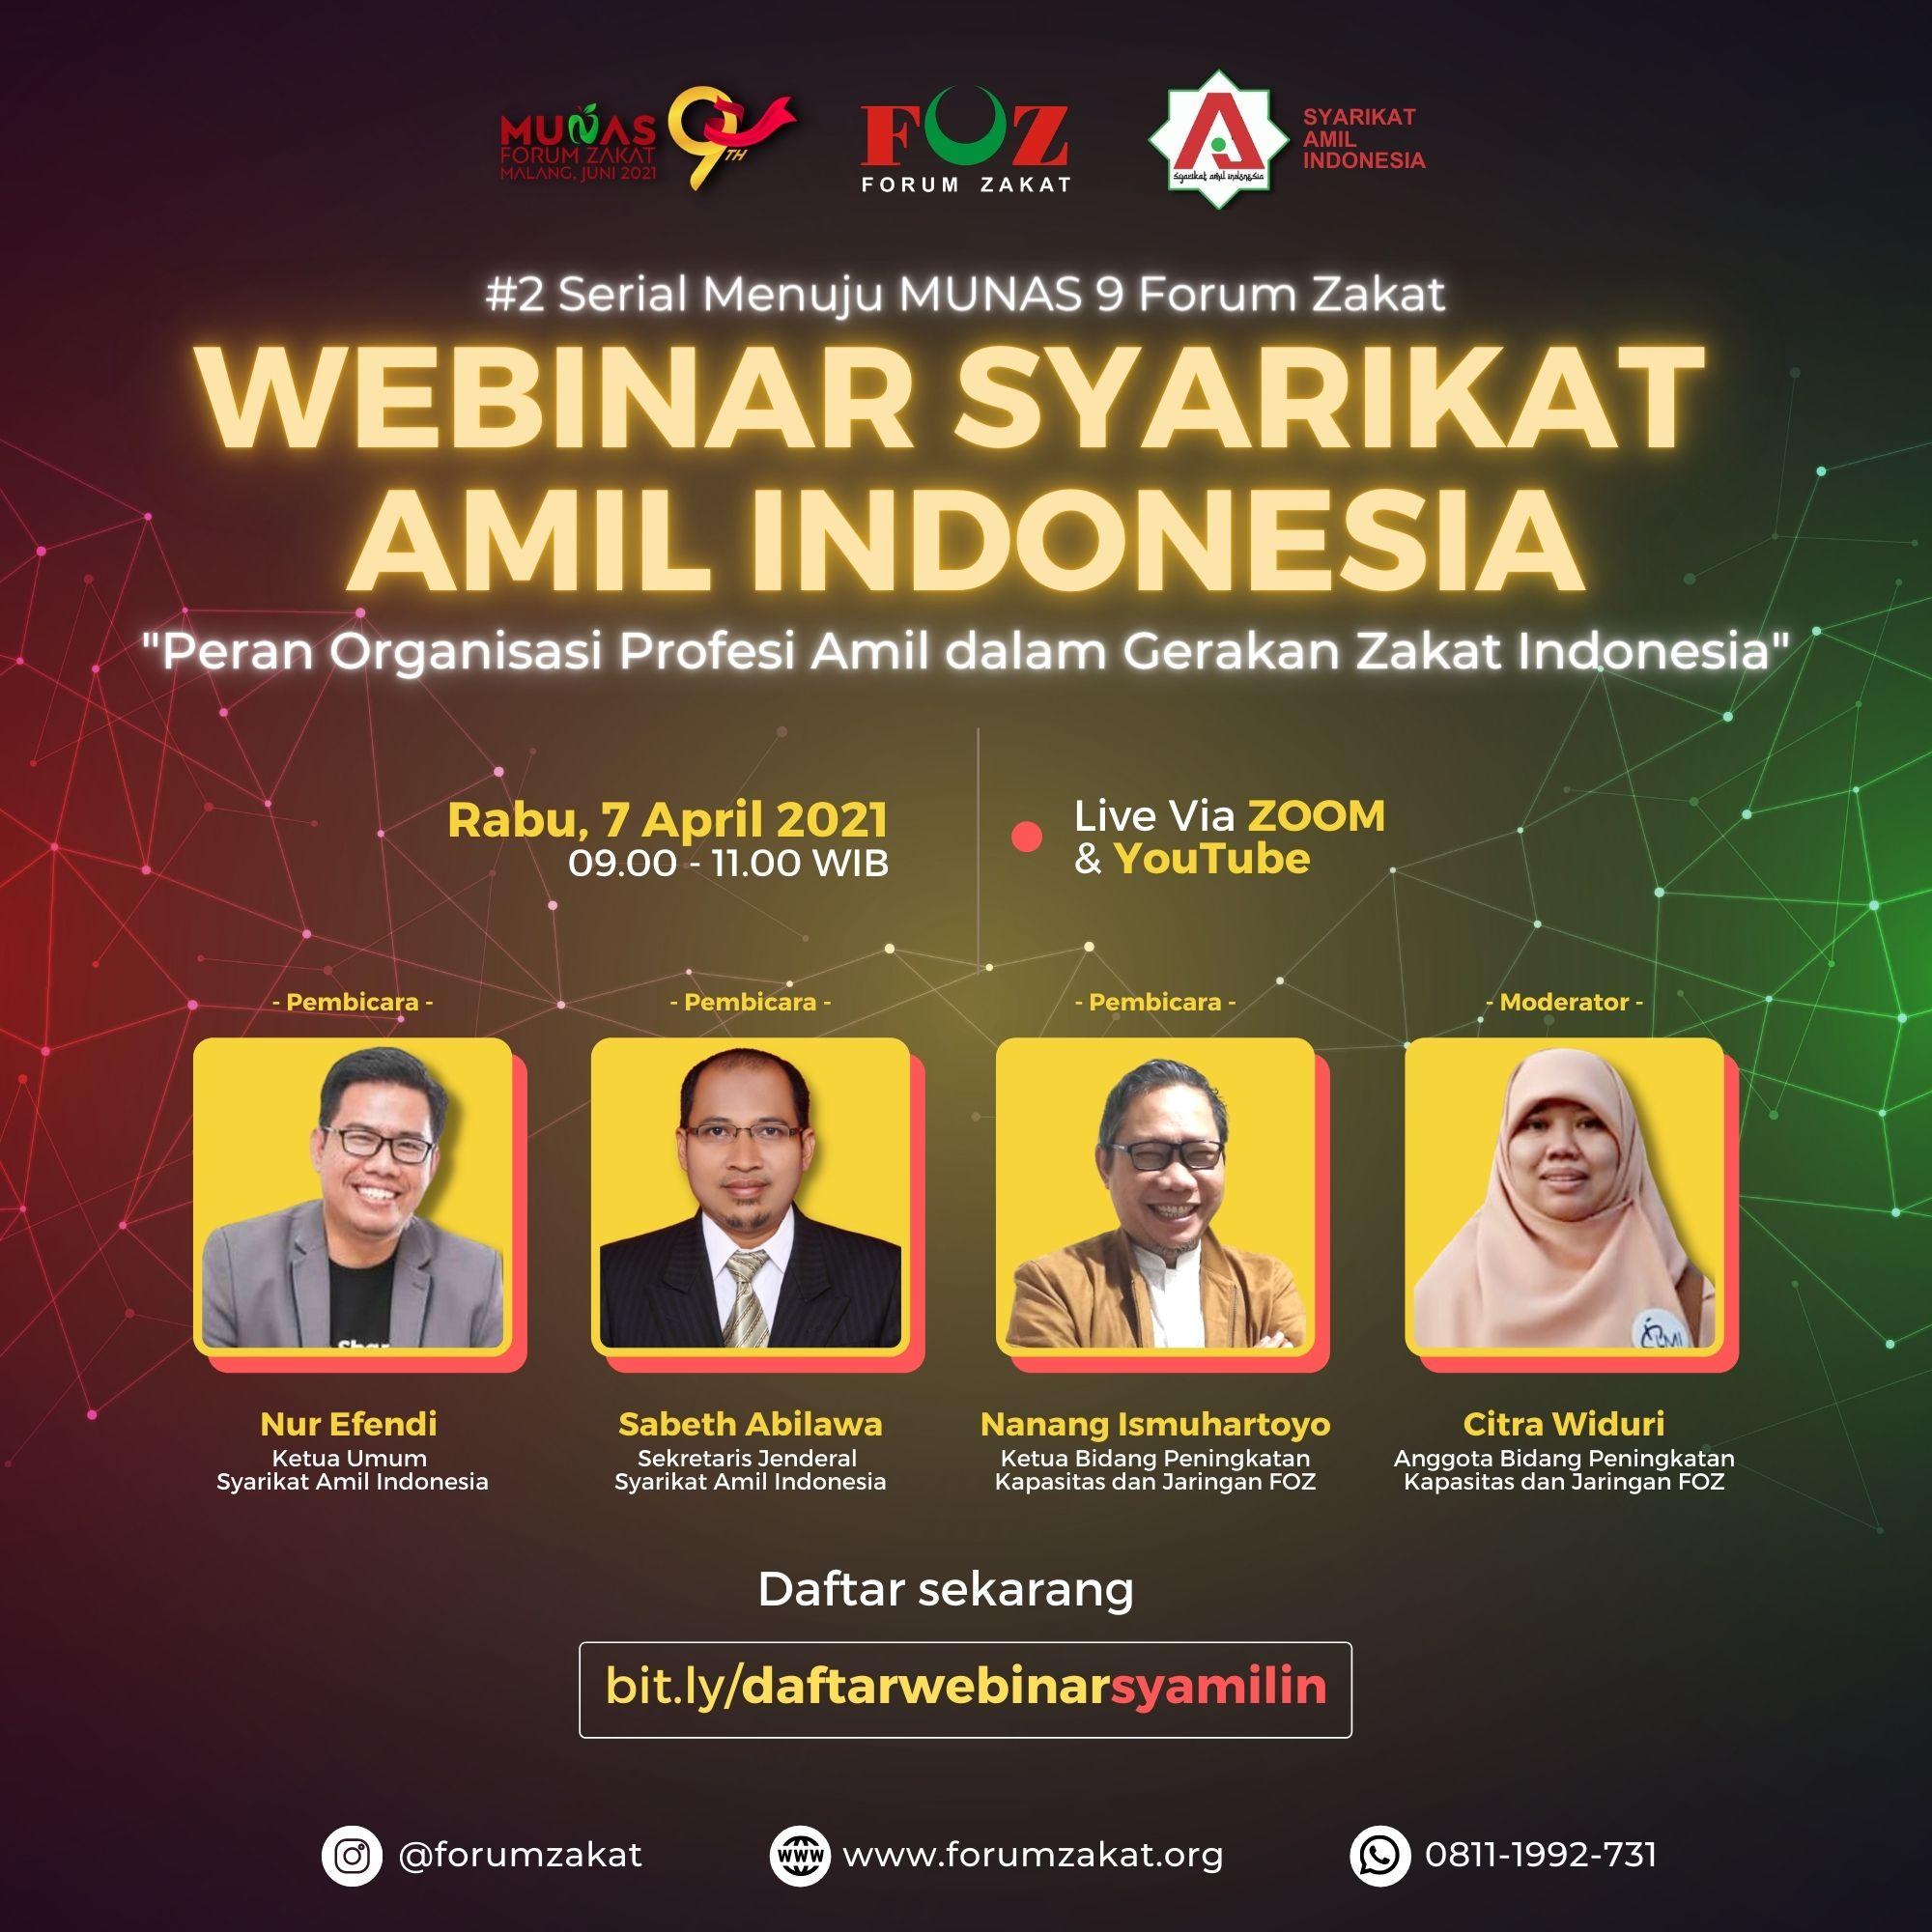 #2 Serial Menuju MUNAS 9 Forum Zakat | Webinar Syarikat Amil Indonesia